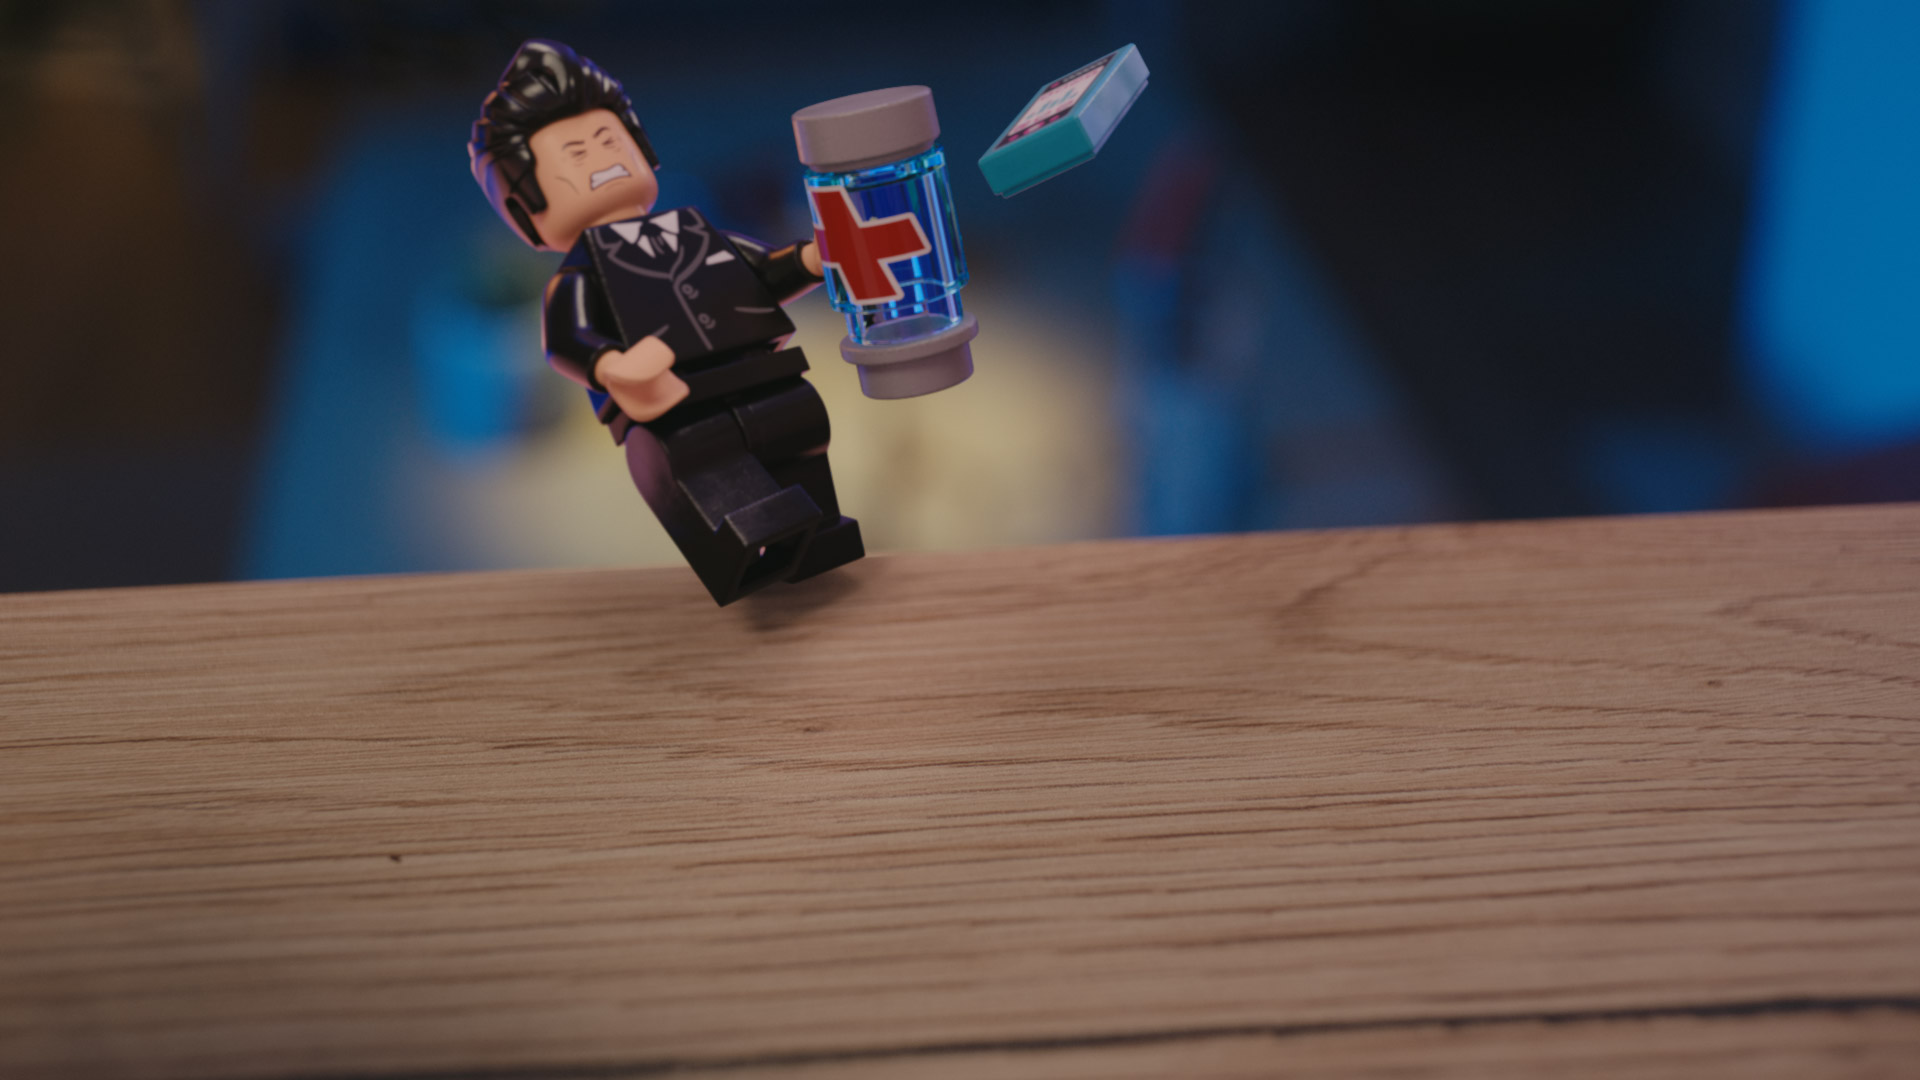 LEGO_OW_93487